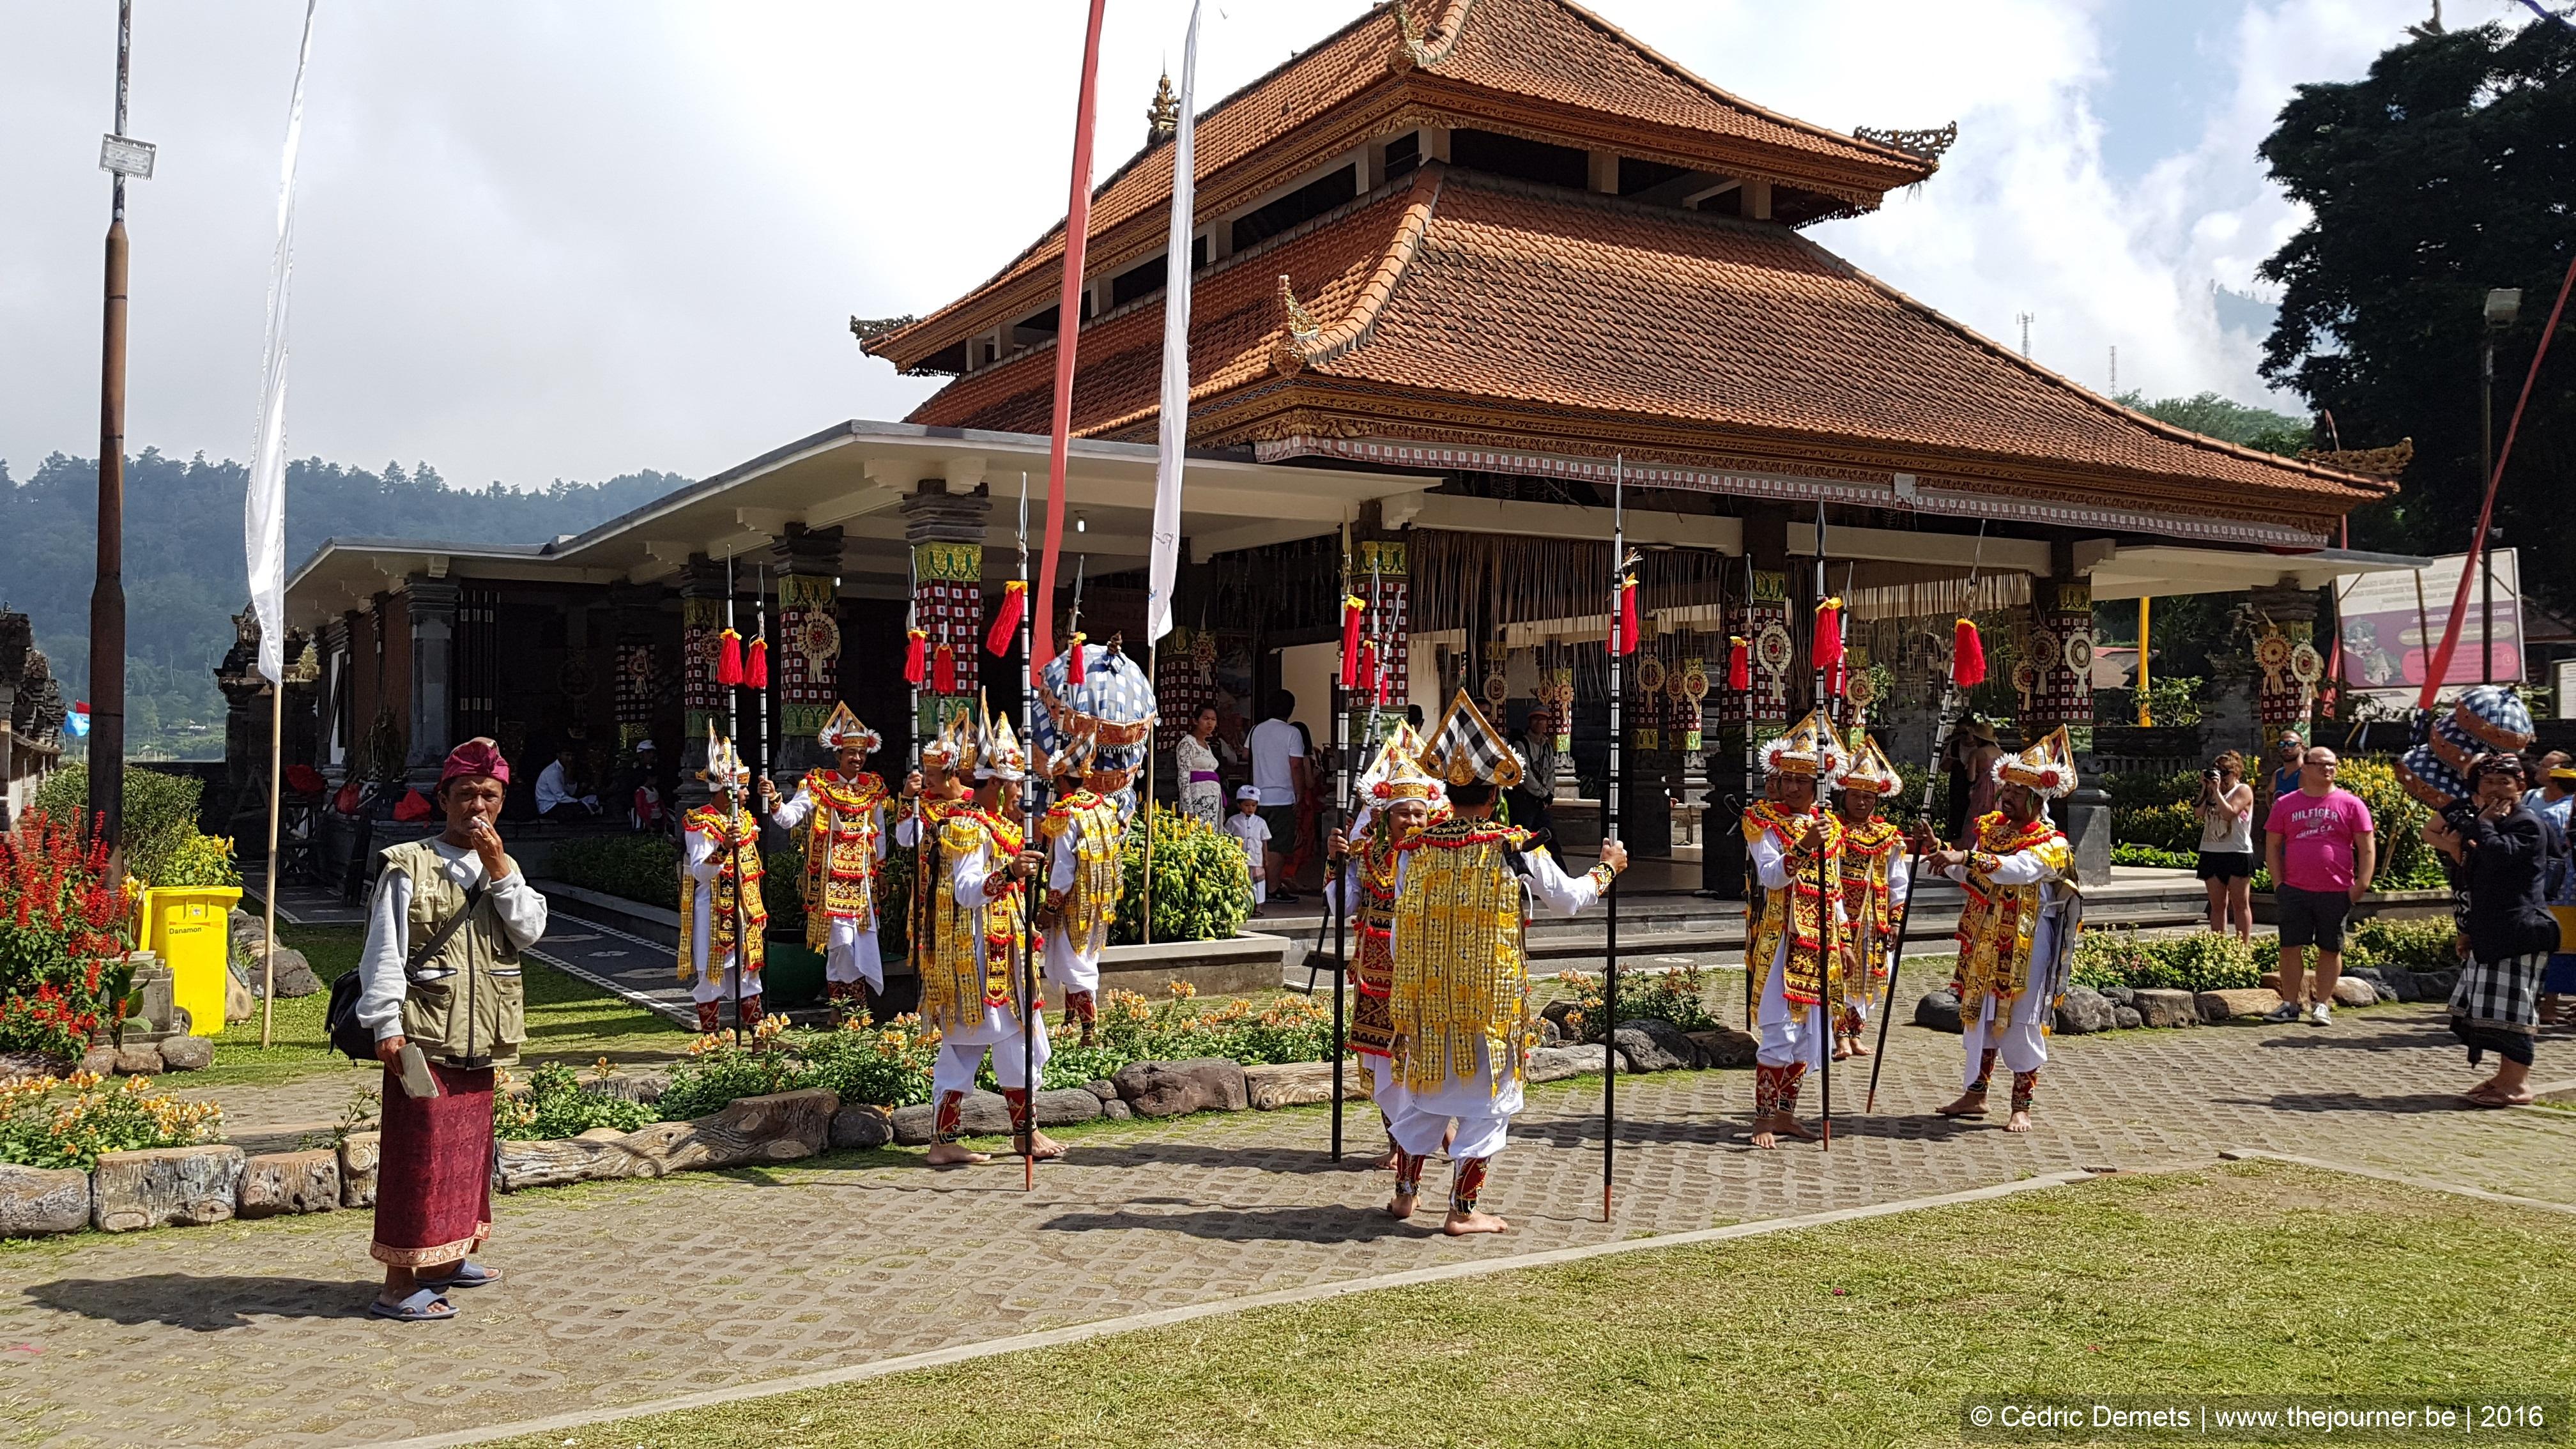 Two blissful weeks in Bali